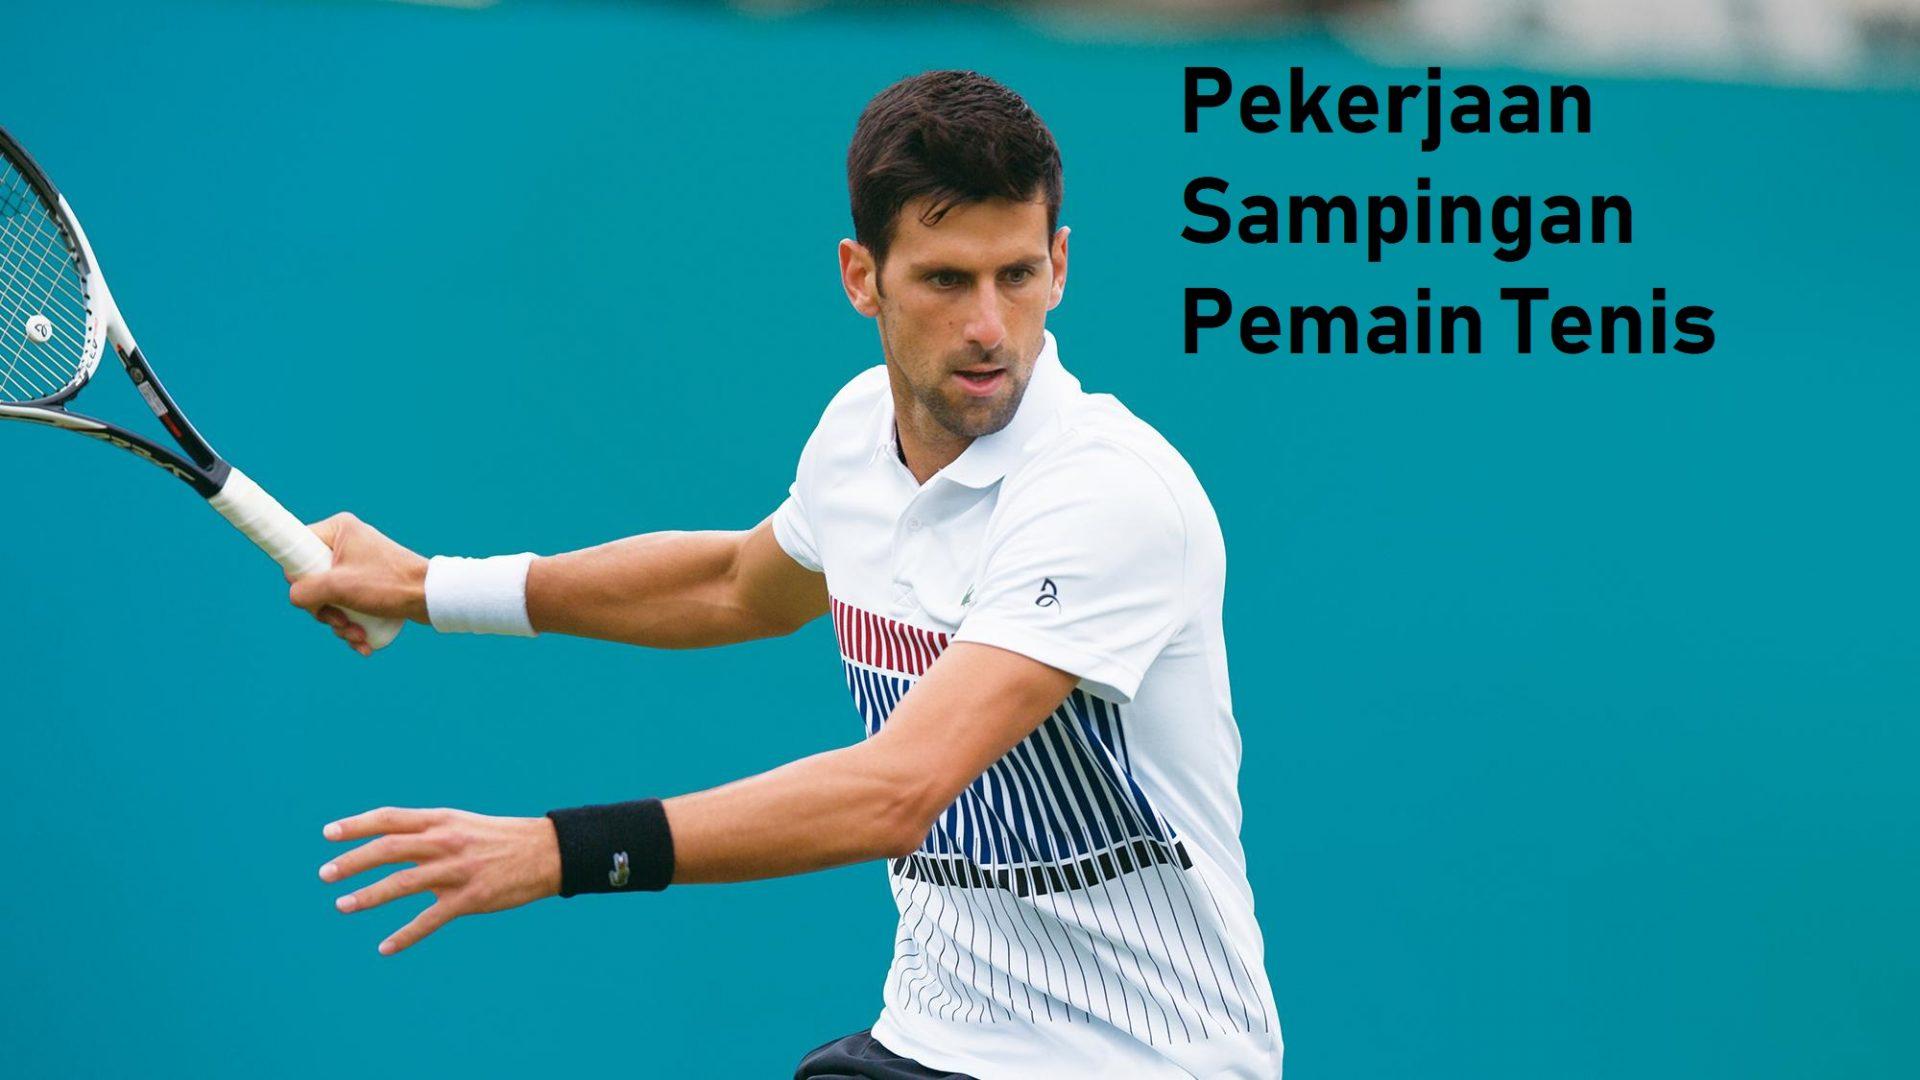 Pemain Tenis